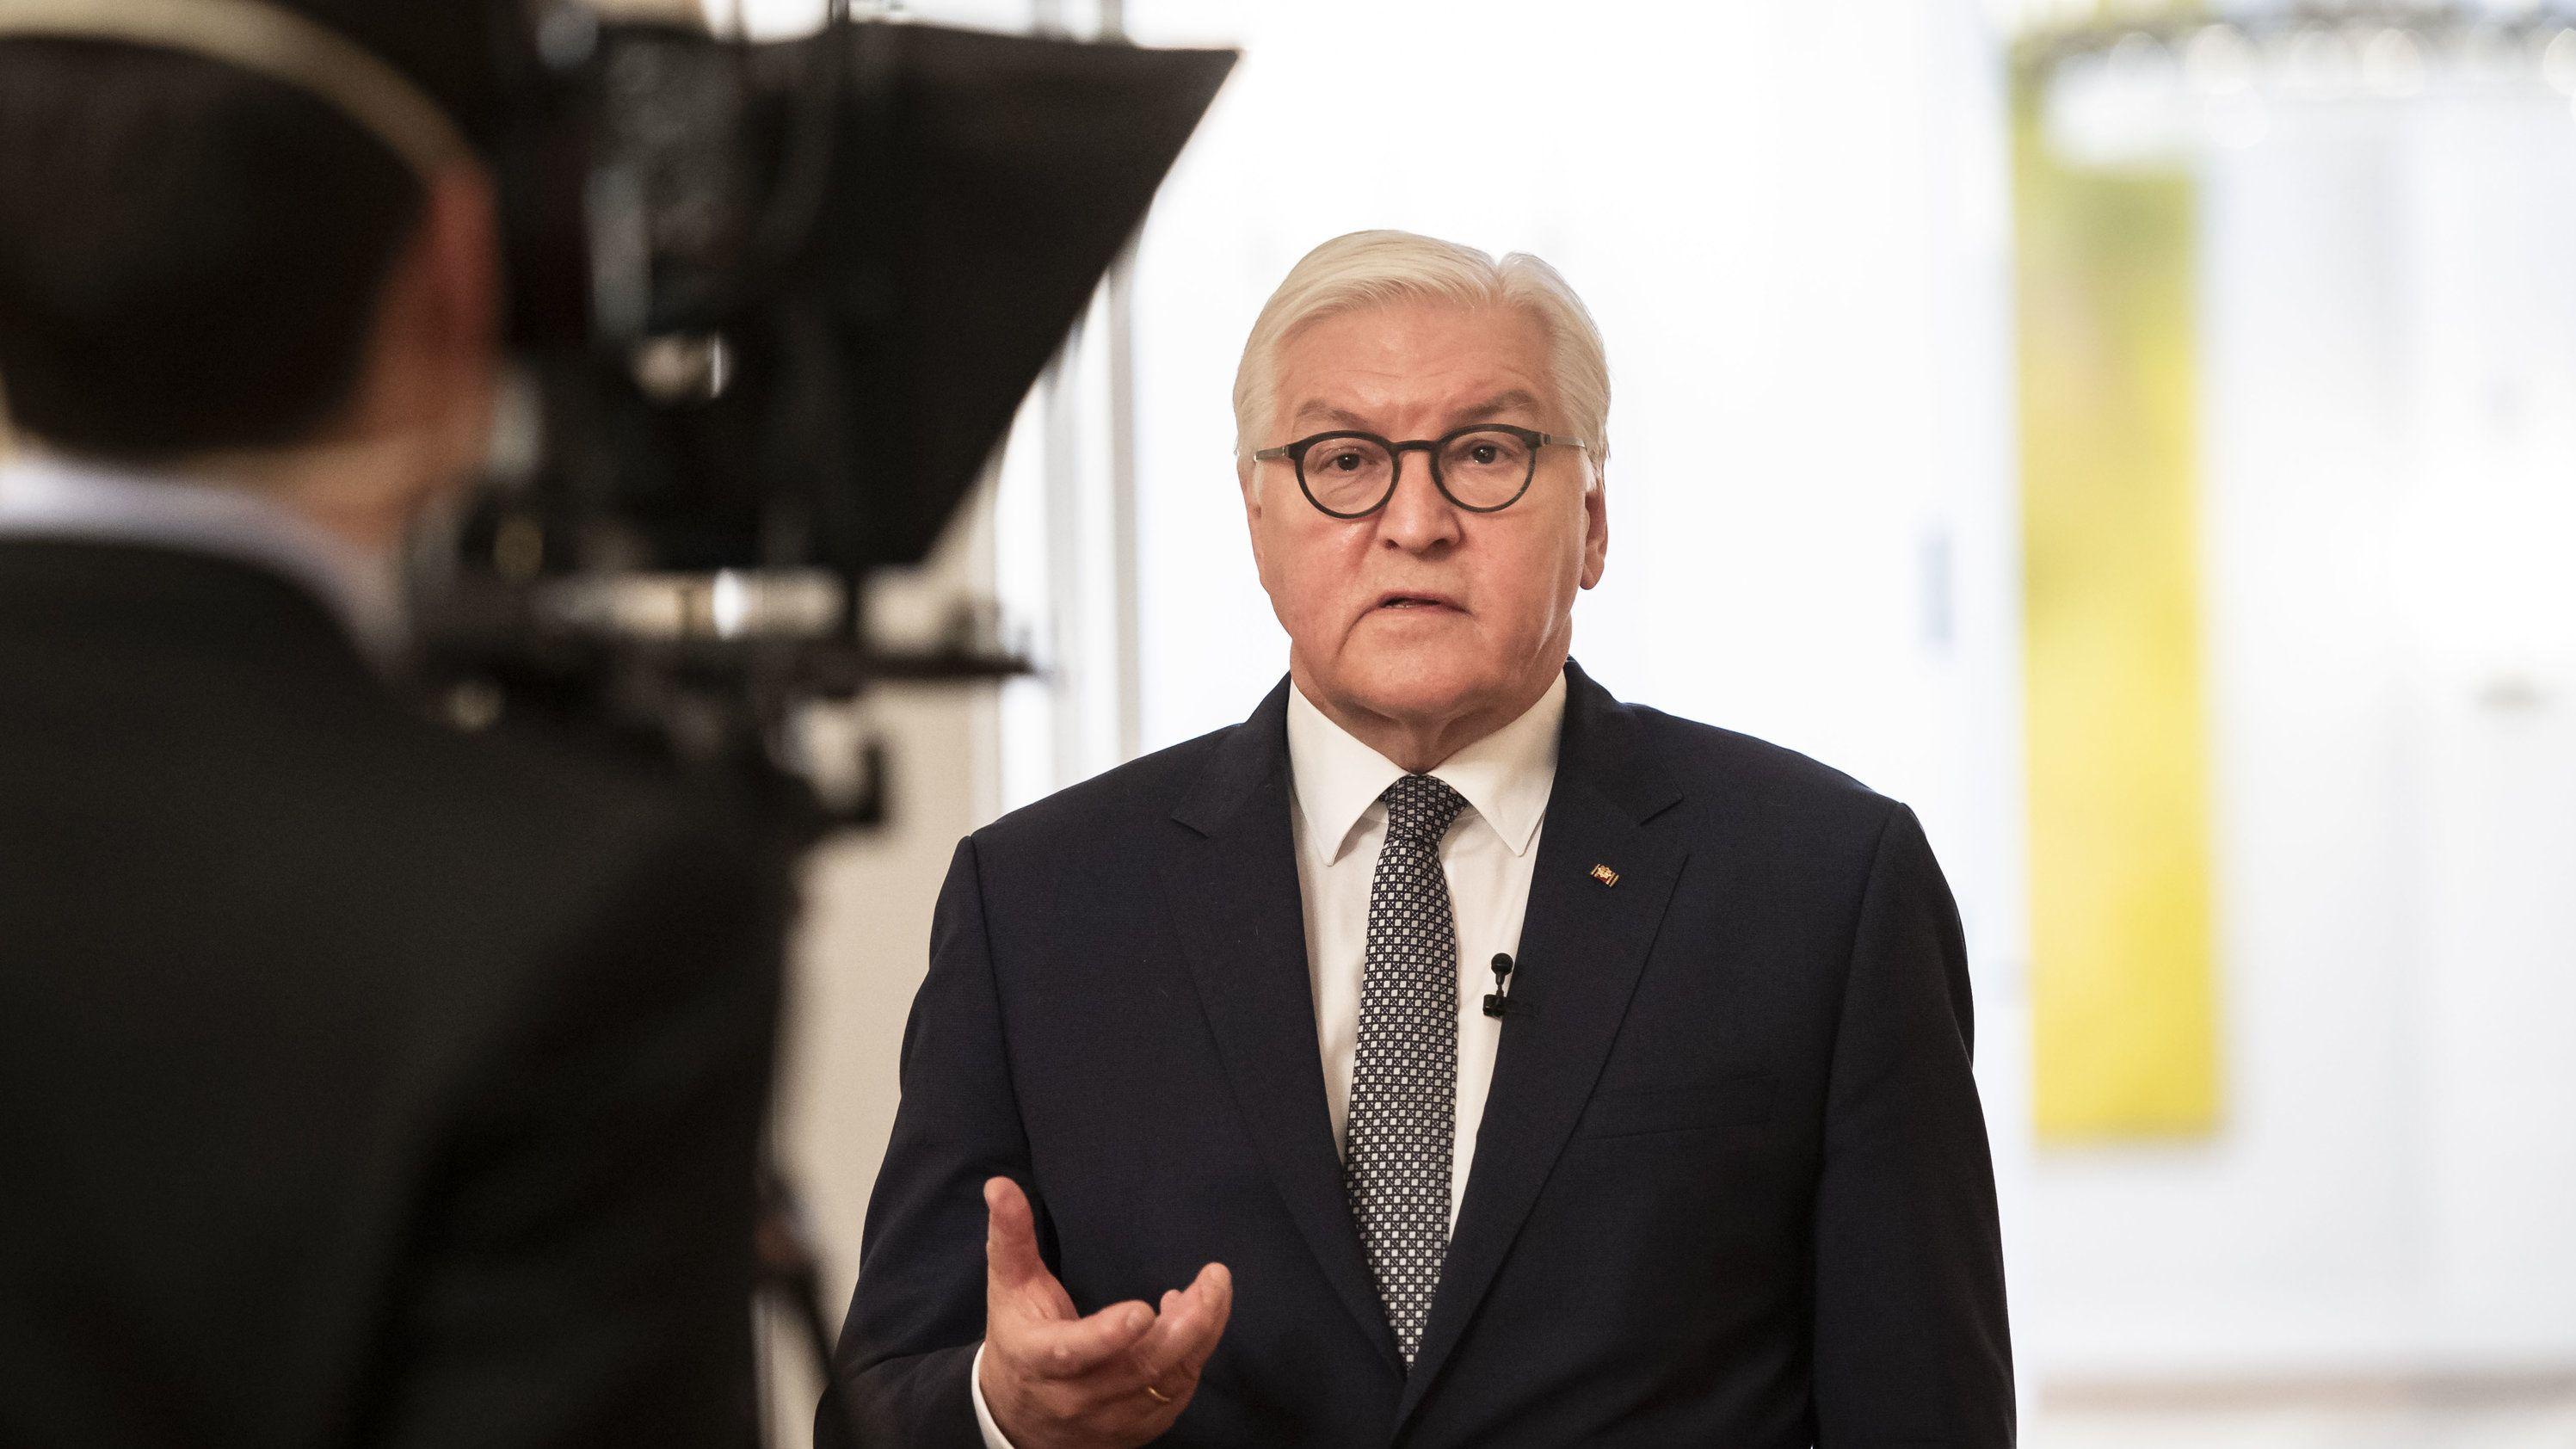 Bundespräsident Frank-Walter Steinmeier bei der Aufzeichnung seiner Videobotschaft zur Corona-Epidemie